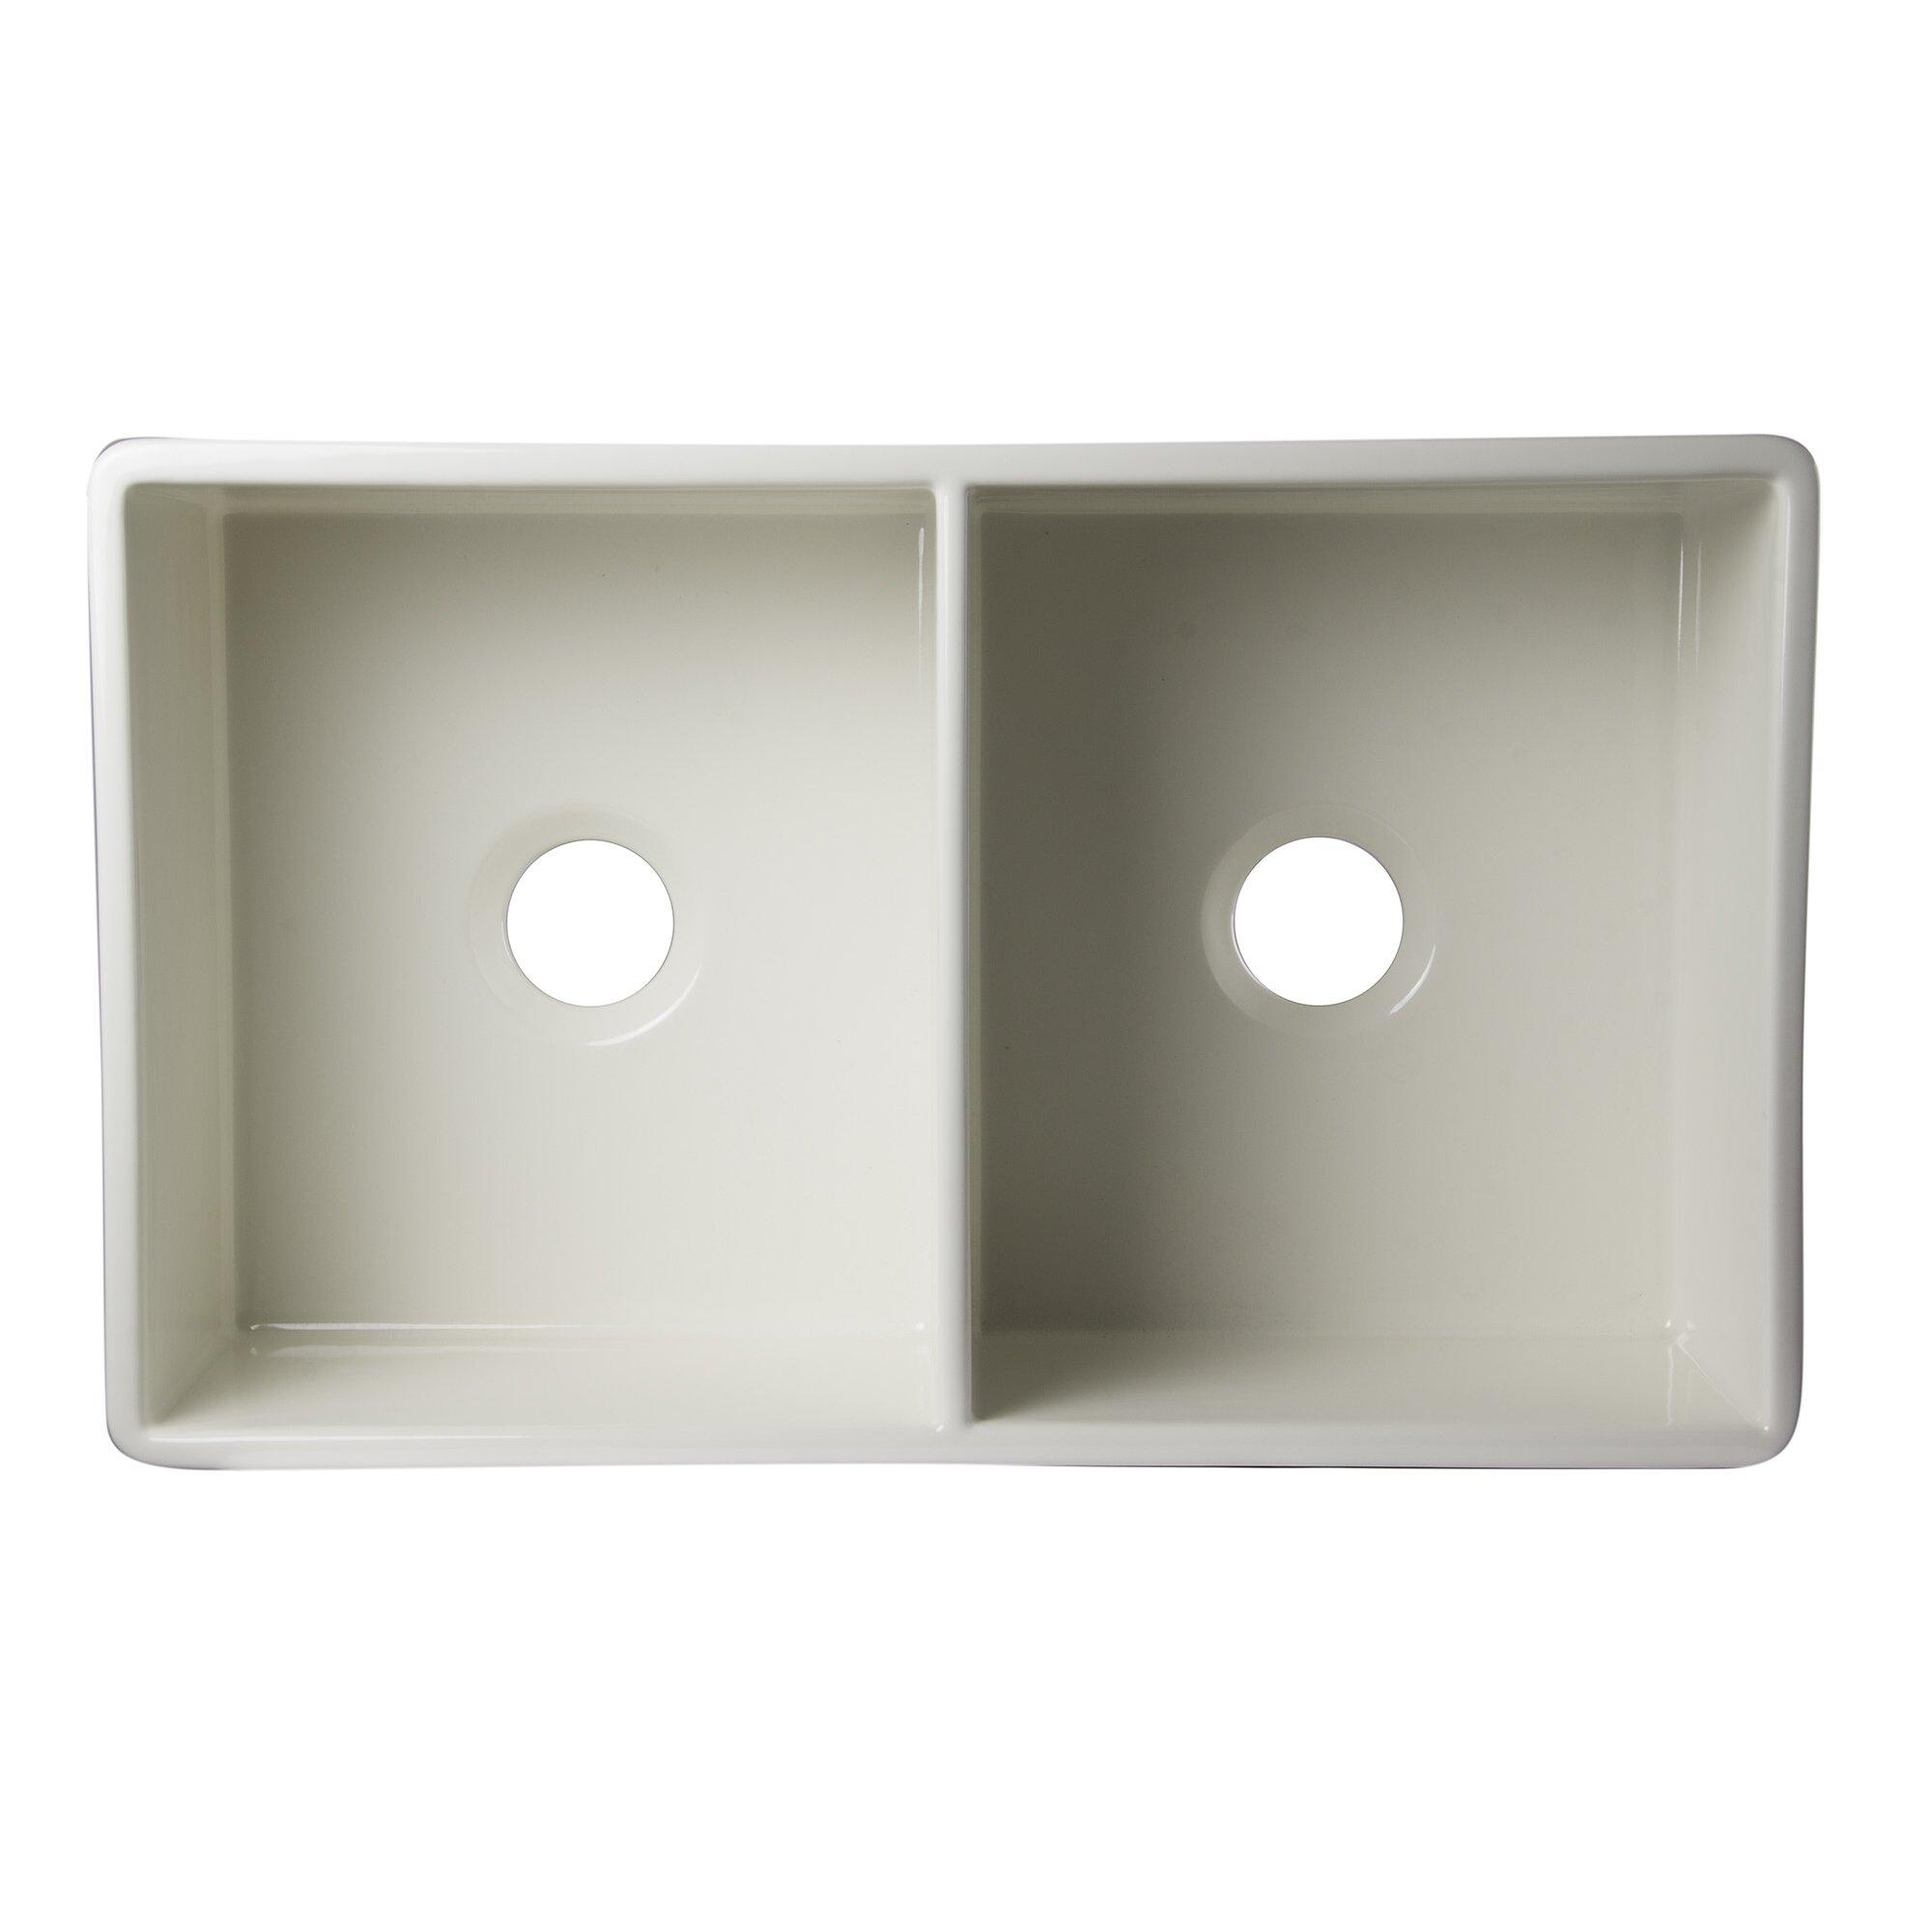 gray kitchen sink gray kitchen sink from armitage shanks     luxury armitage shanks kitchen sink   taste  rh   thetasteemaker com